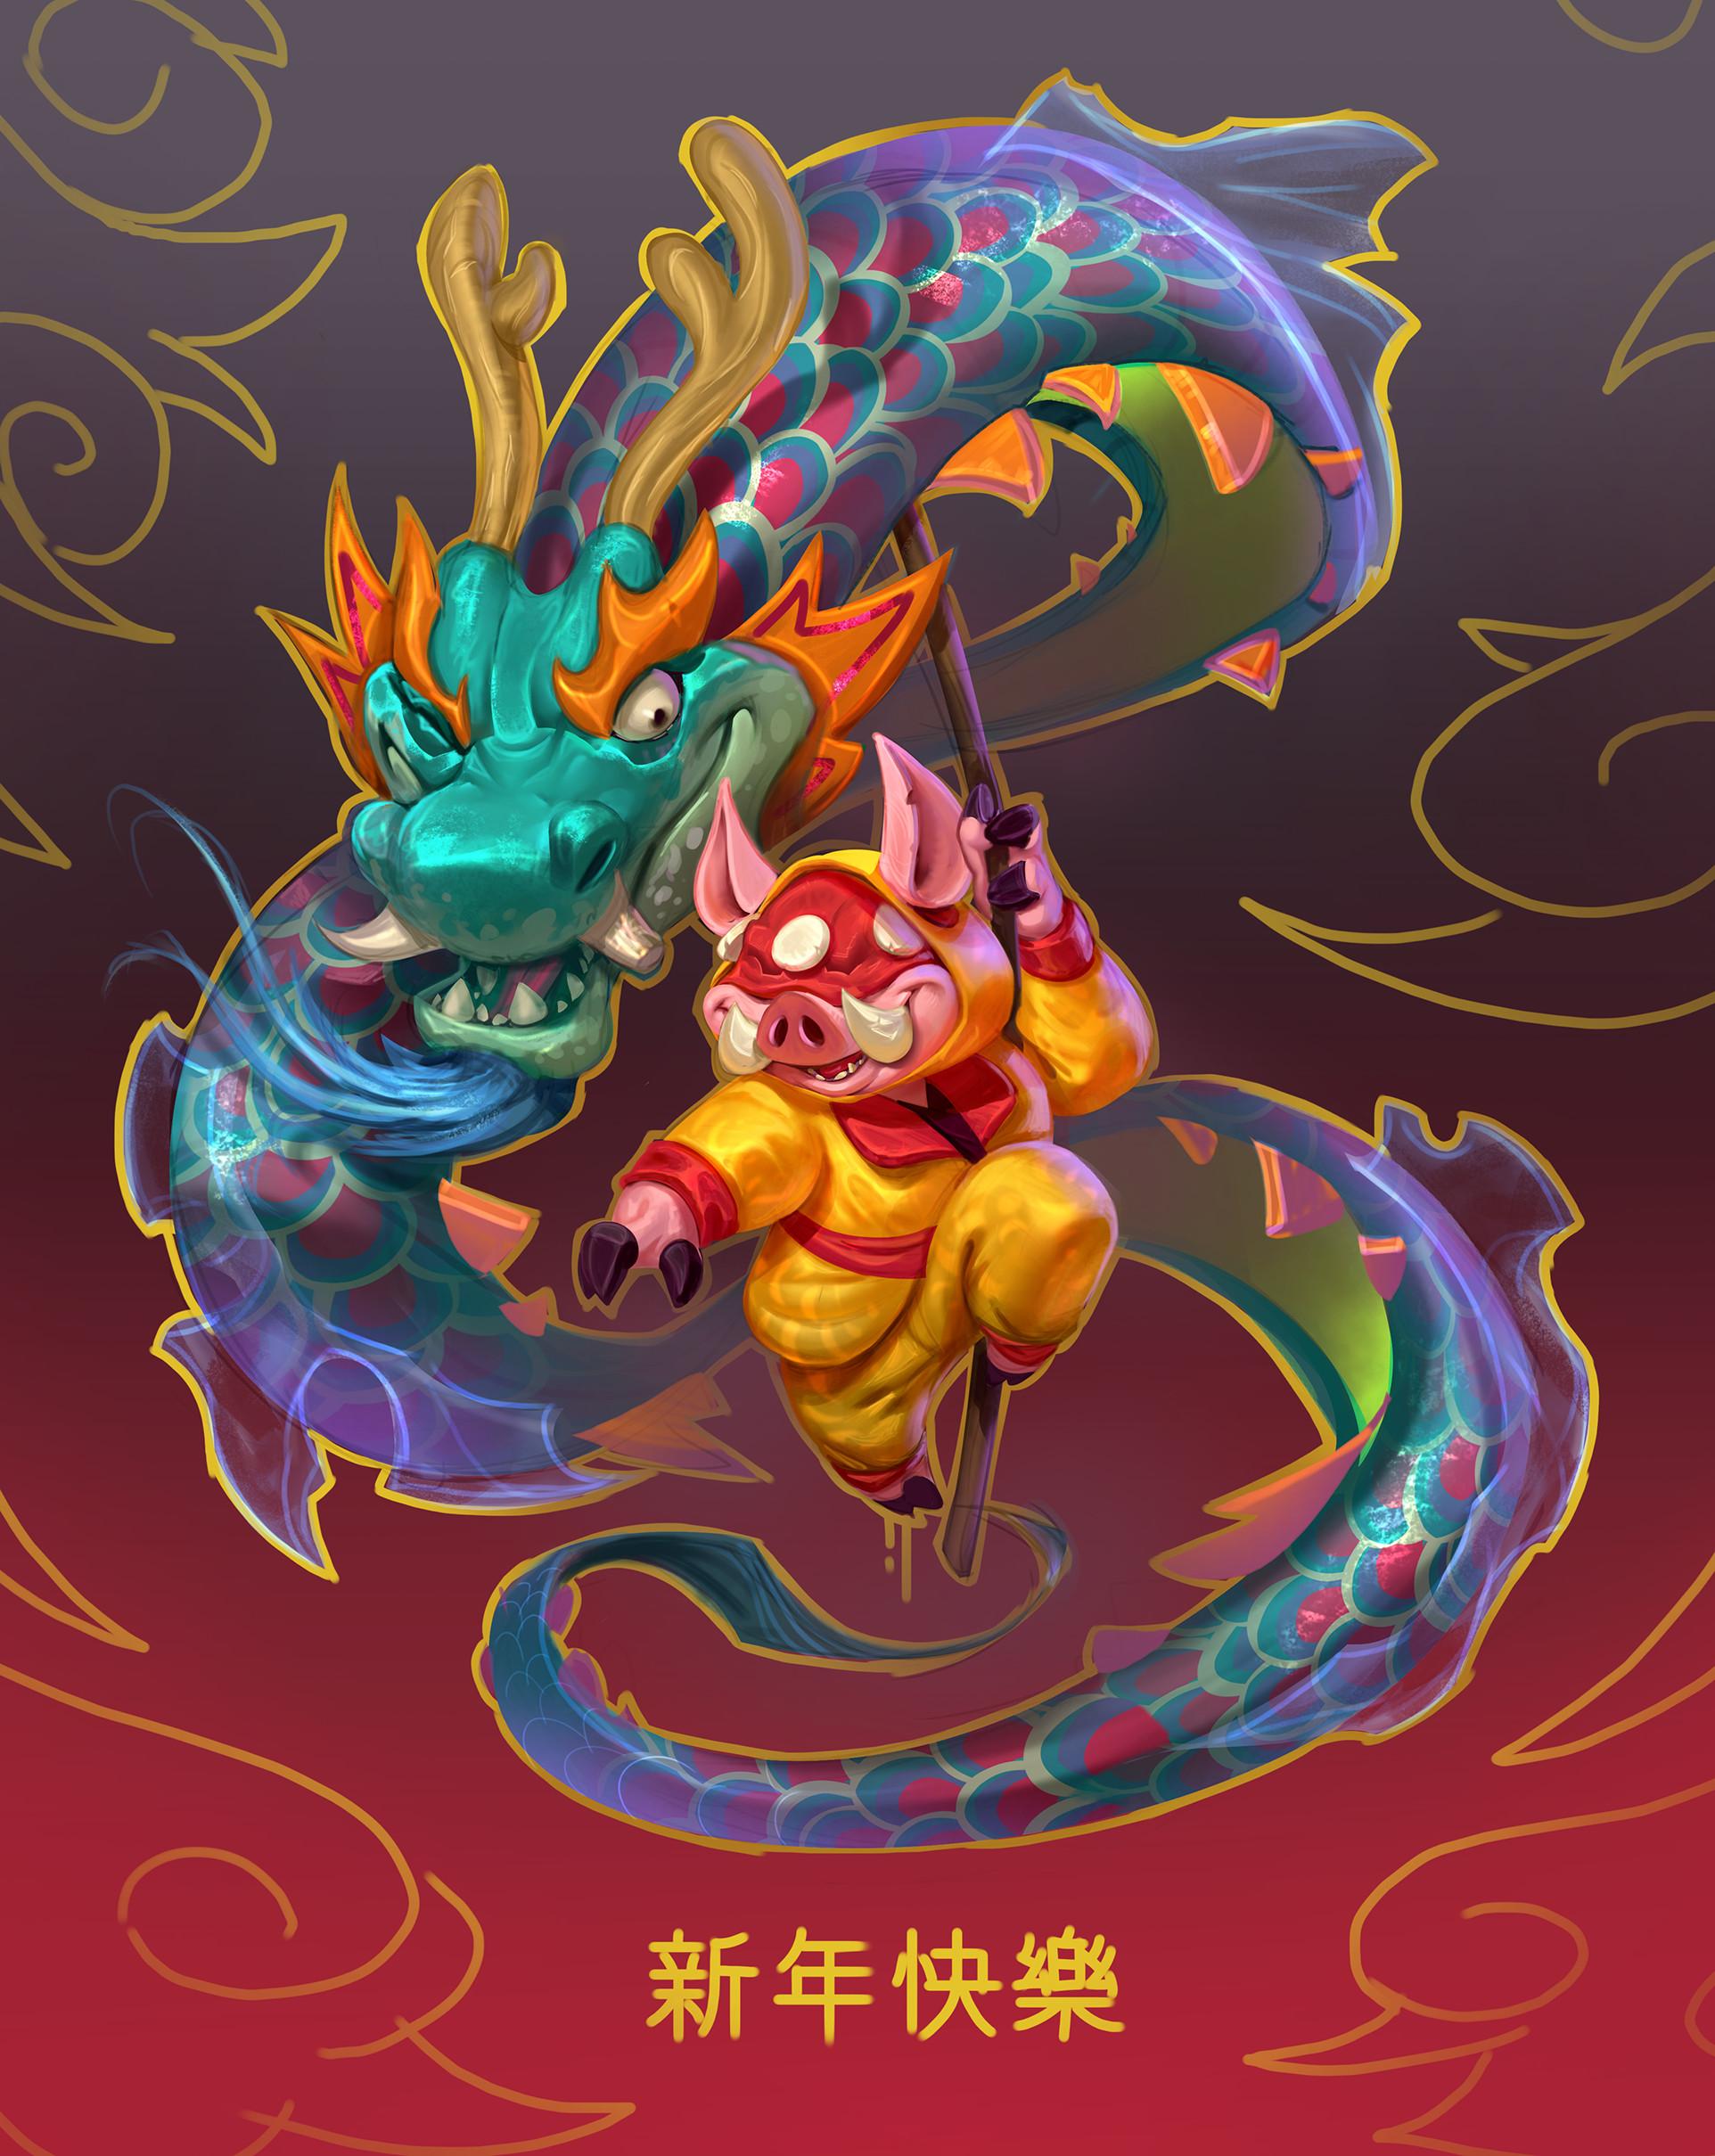 https://www.artstation.com/artwork/DxEQJA  Happy Chinese New Year!